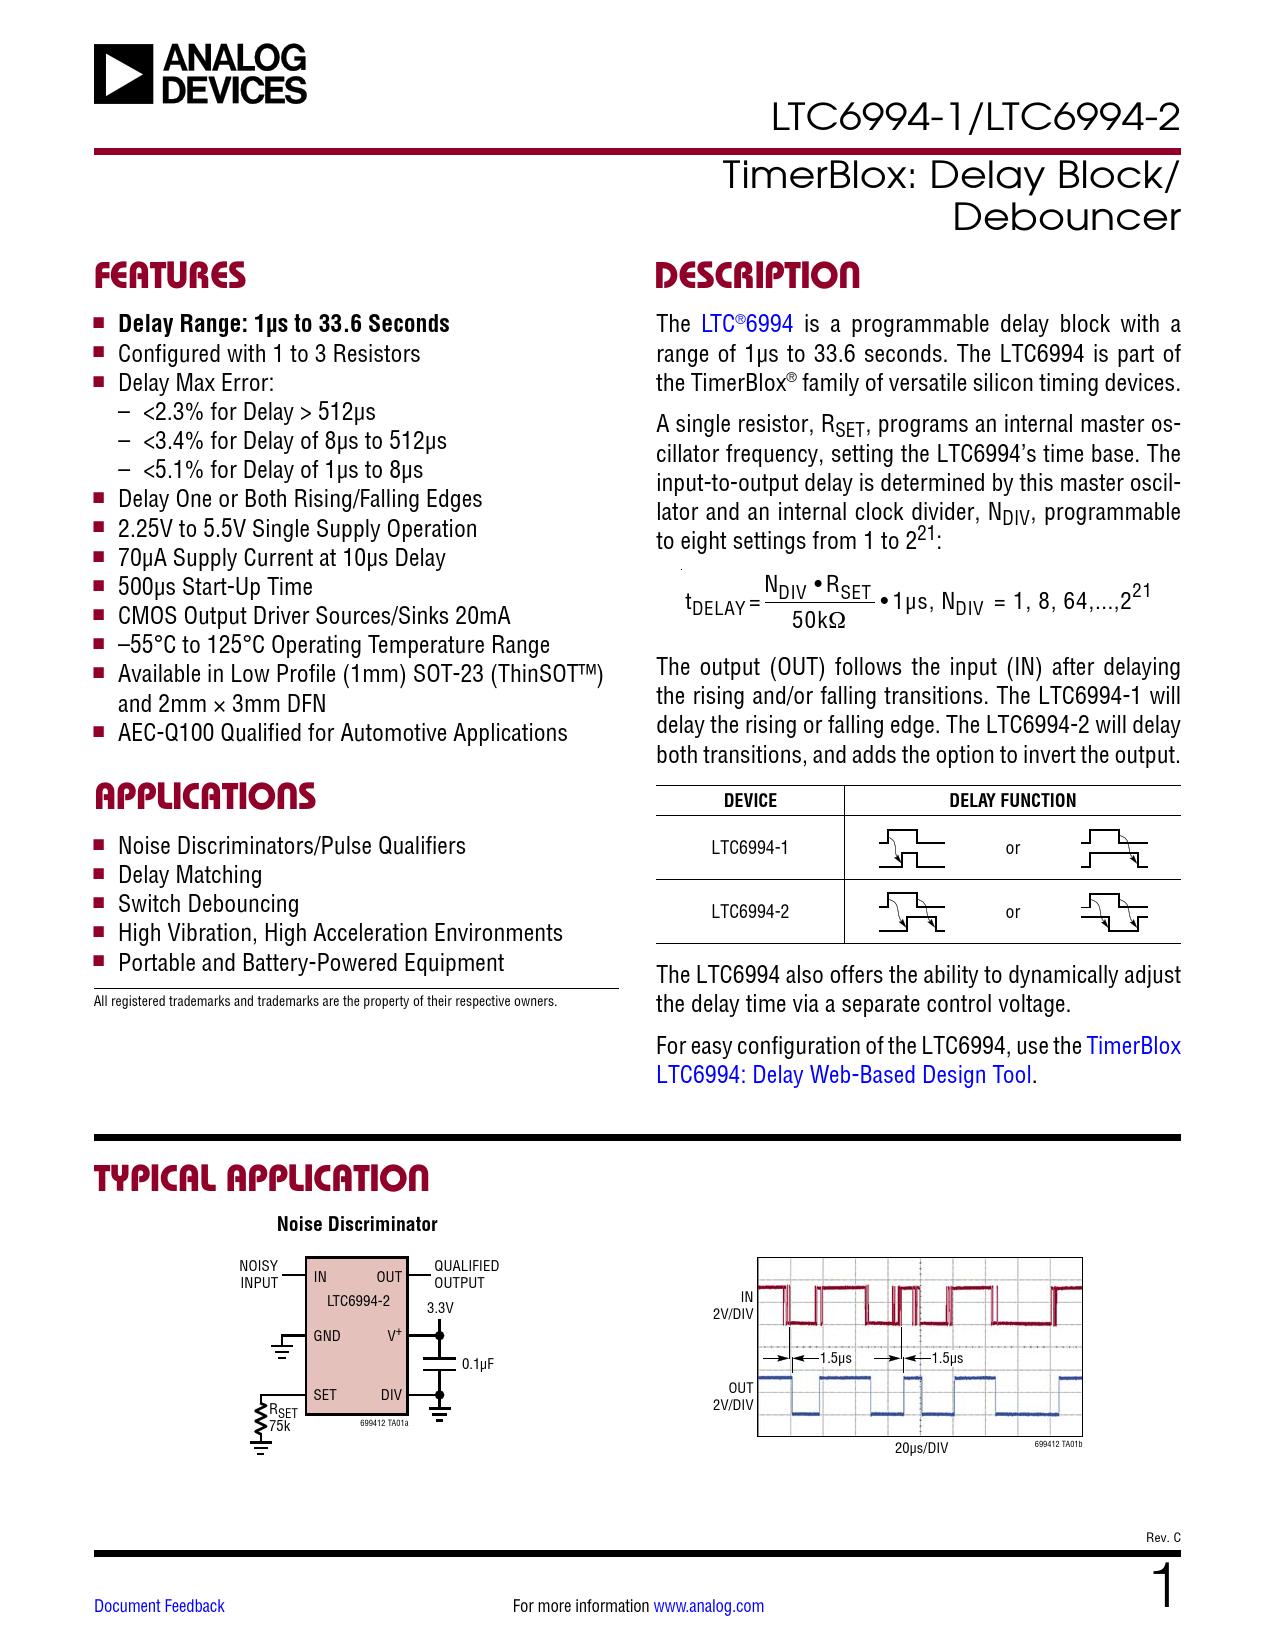 Datasheet LTC6994-1, LTC6994-2 Analog Devices, Версия: C